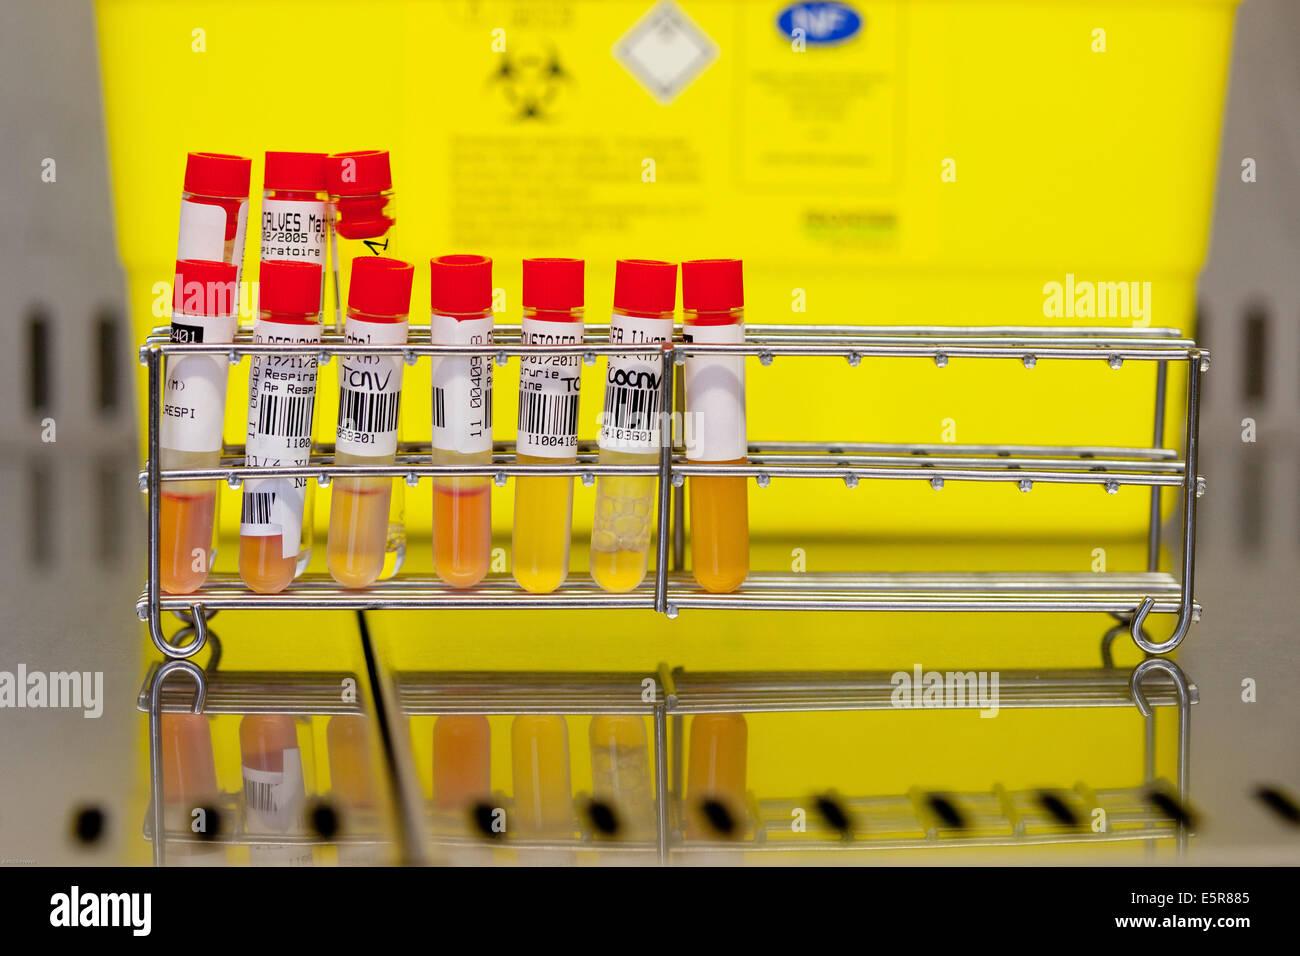 Virology laboratory. - Stock Image